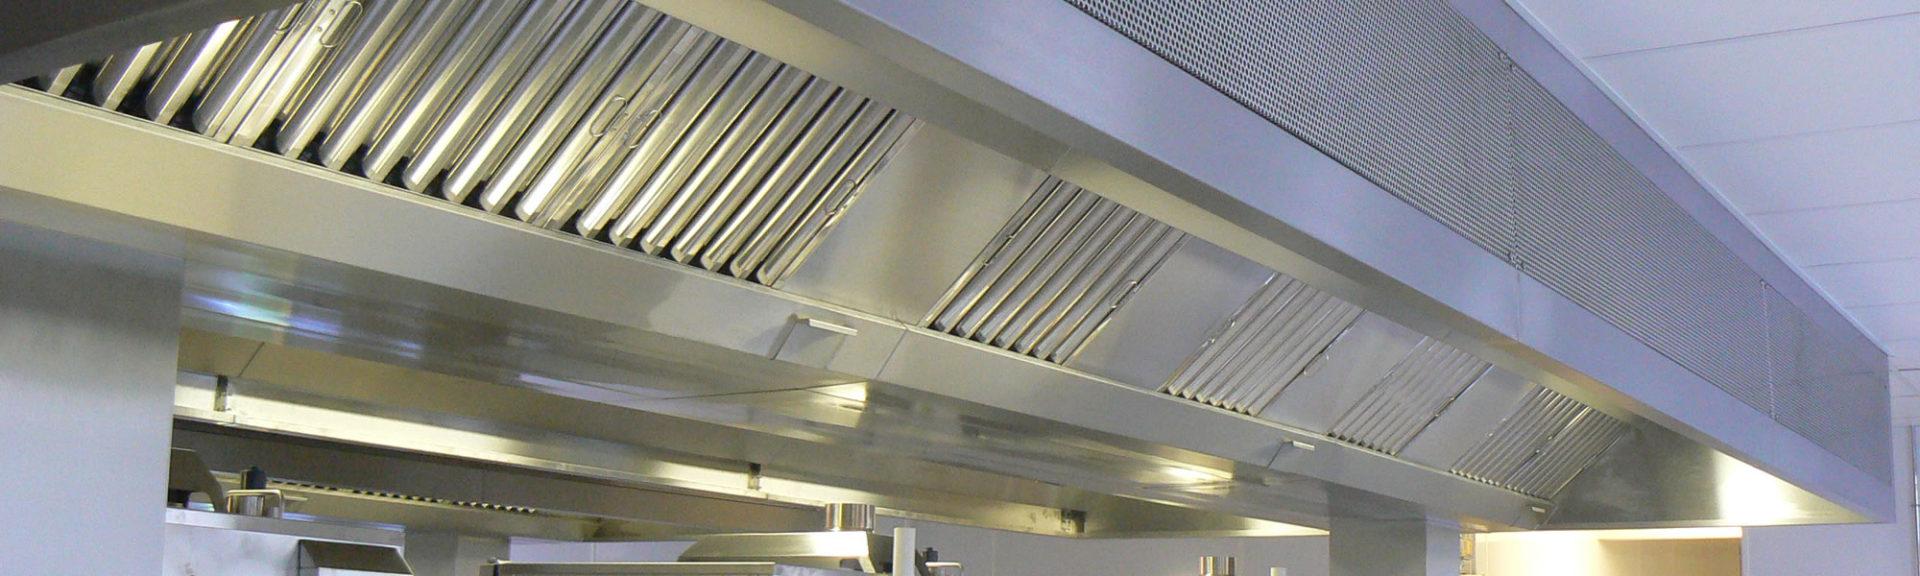 banner-kitchen-ventilation-canopies